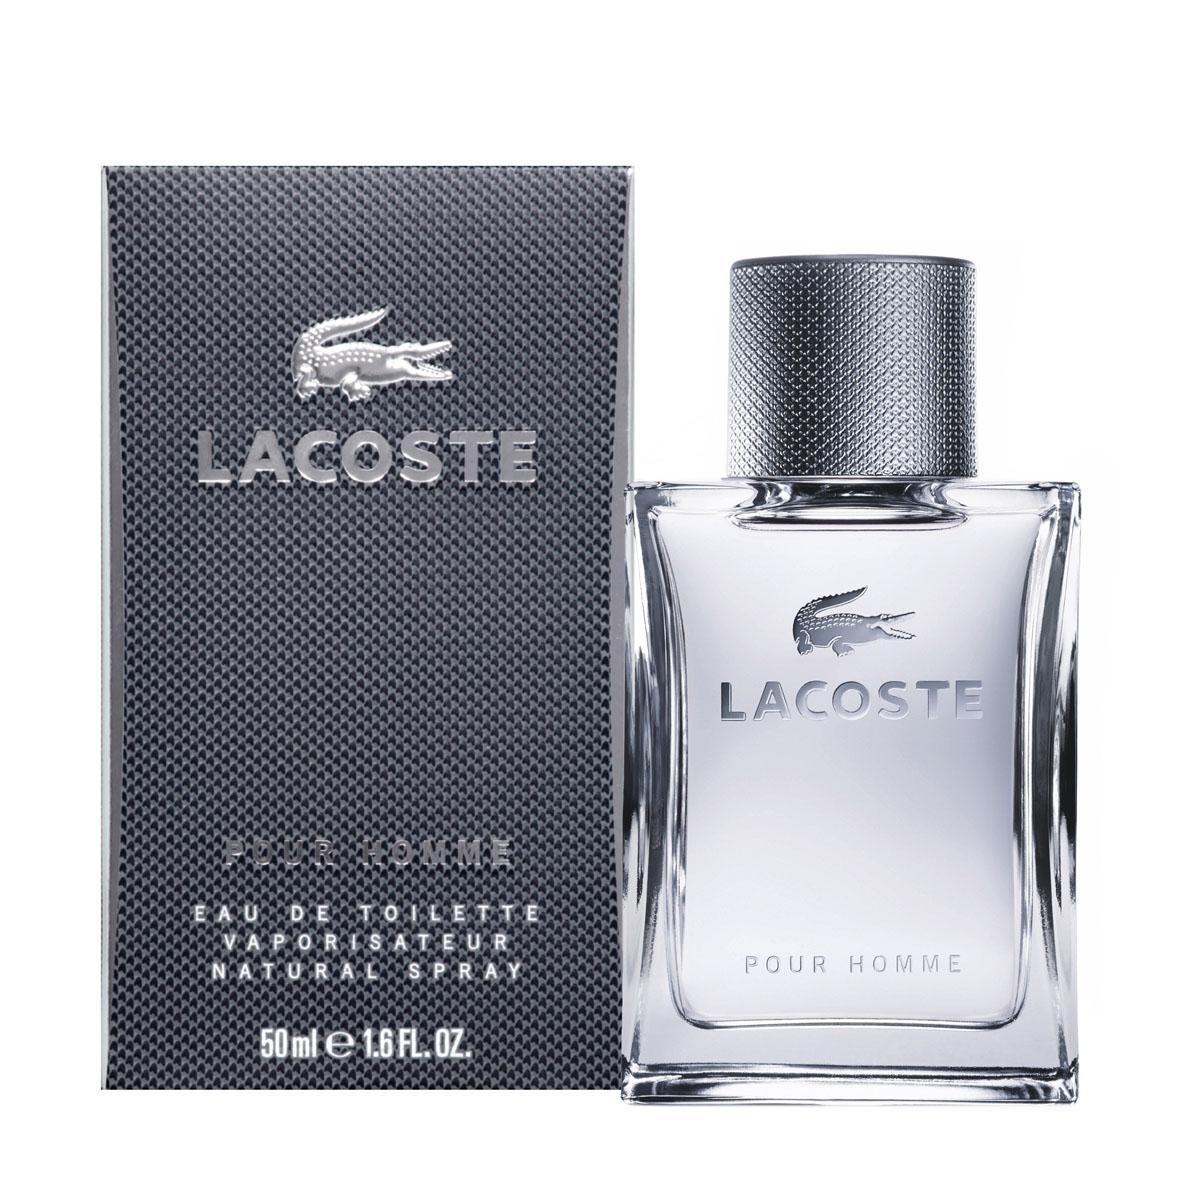 Lacoste Туалетная вода Lacoste Pour Homme, 50 мл nature pour homme д шево по запорожью